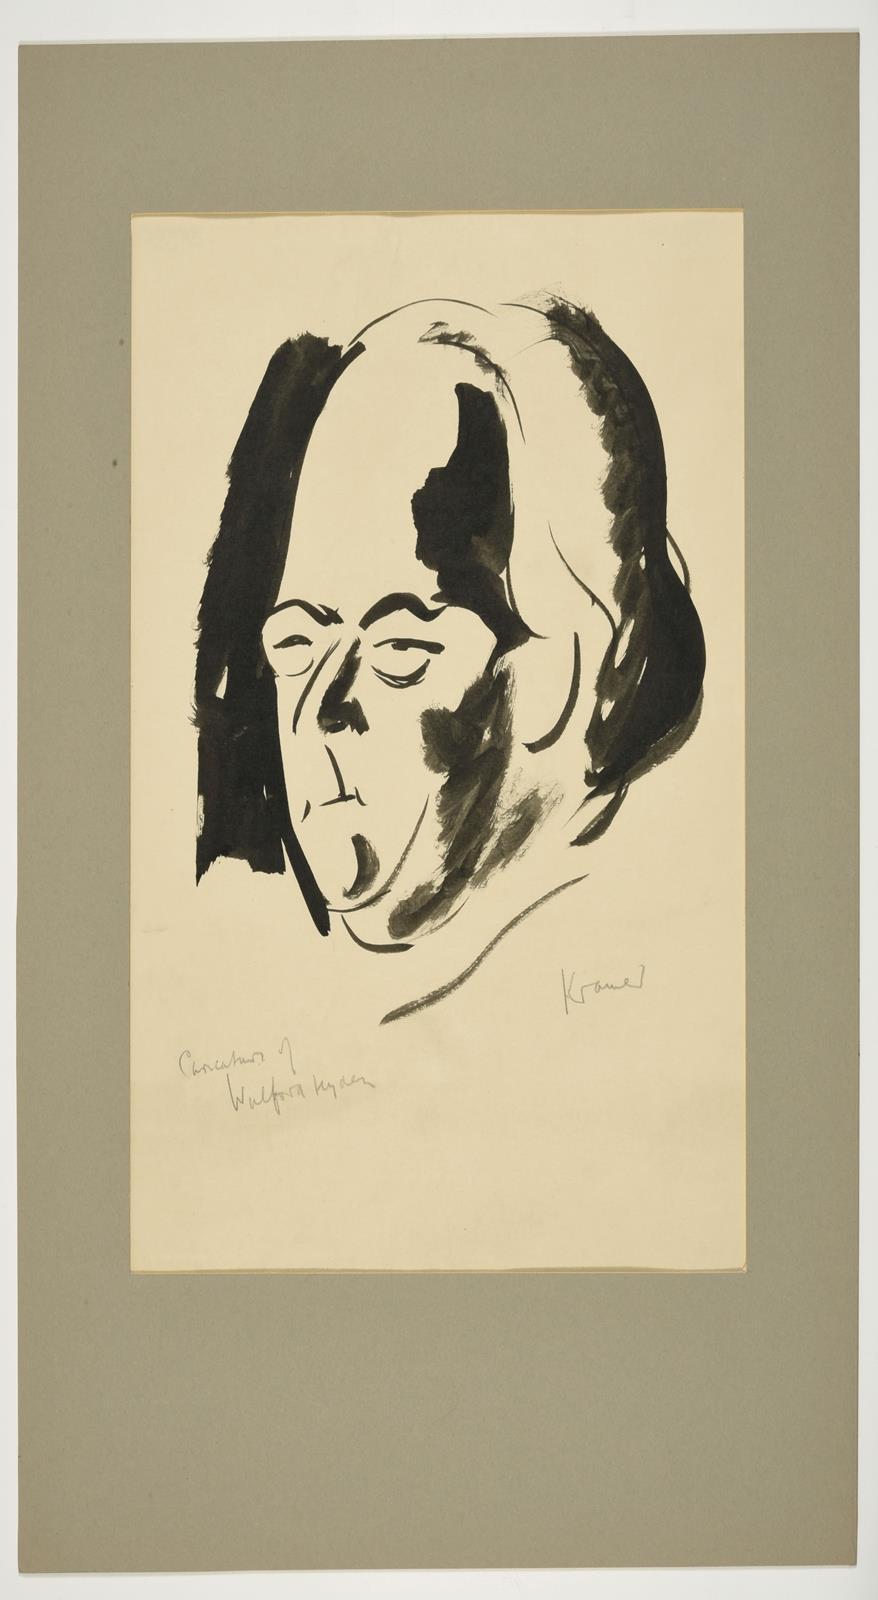 Jacob Kramer (1892-1962) ''Walford Hyden'', half length portrait Signed in pencil, inscribed in ink, - Image 4 of 5